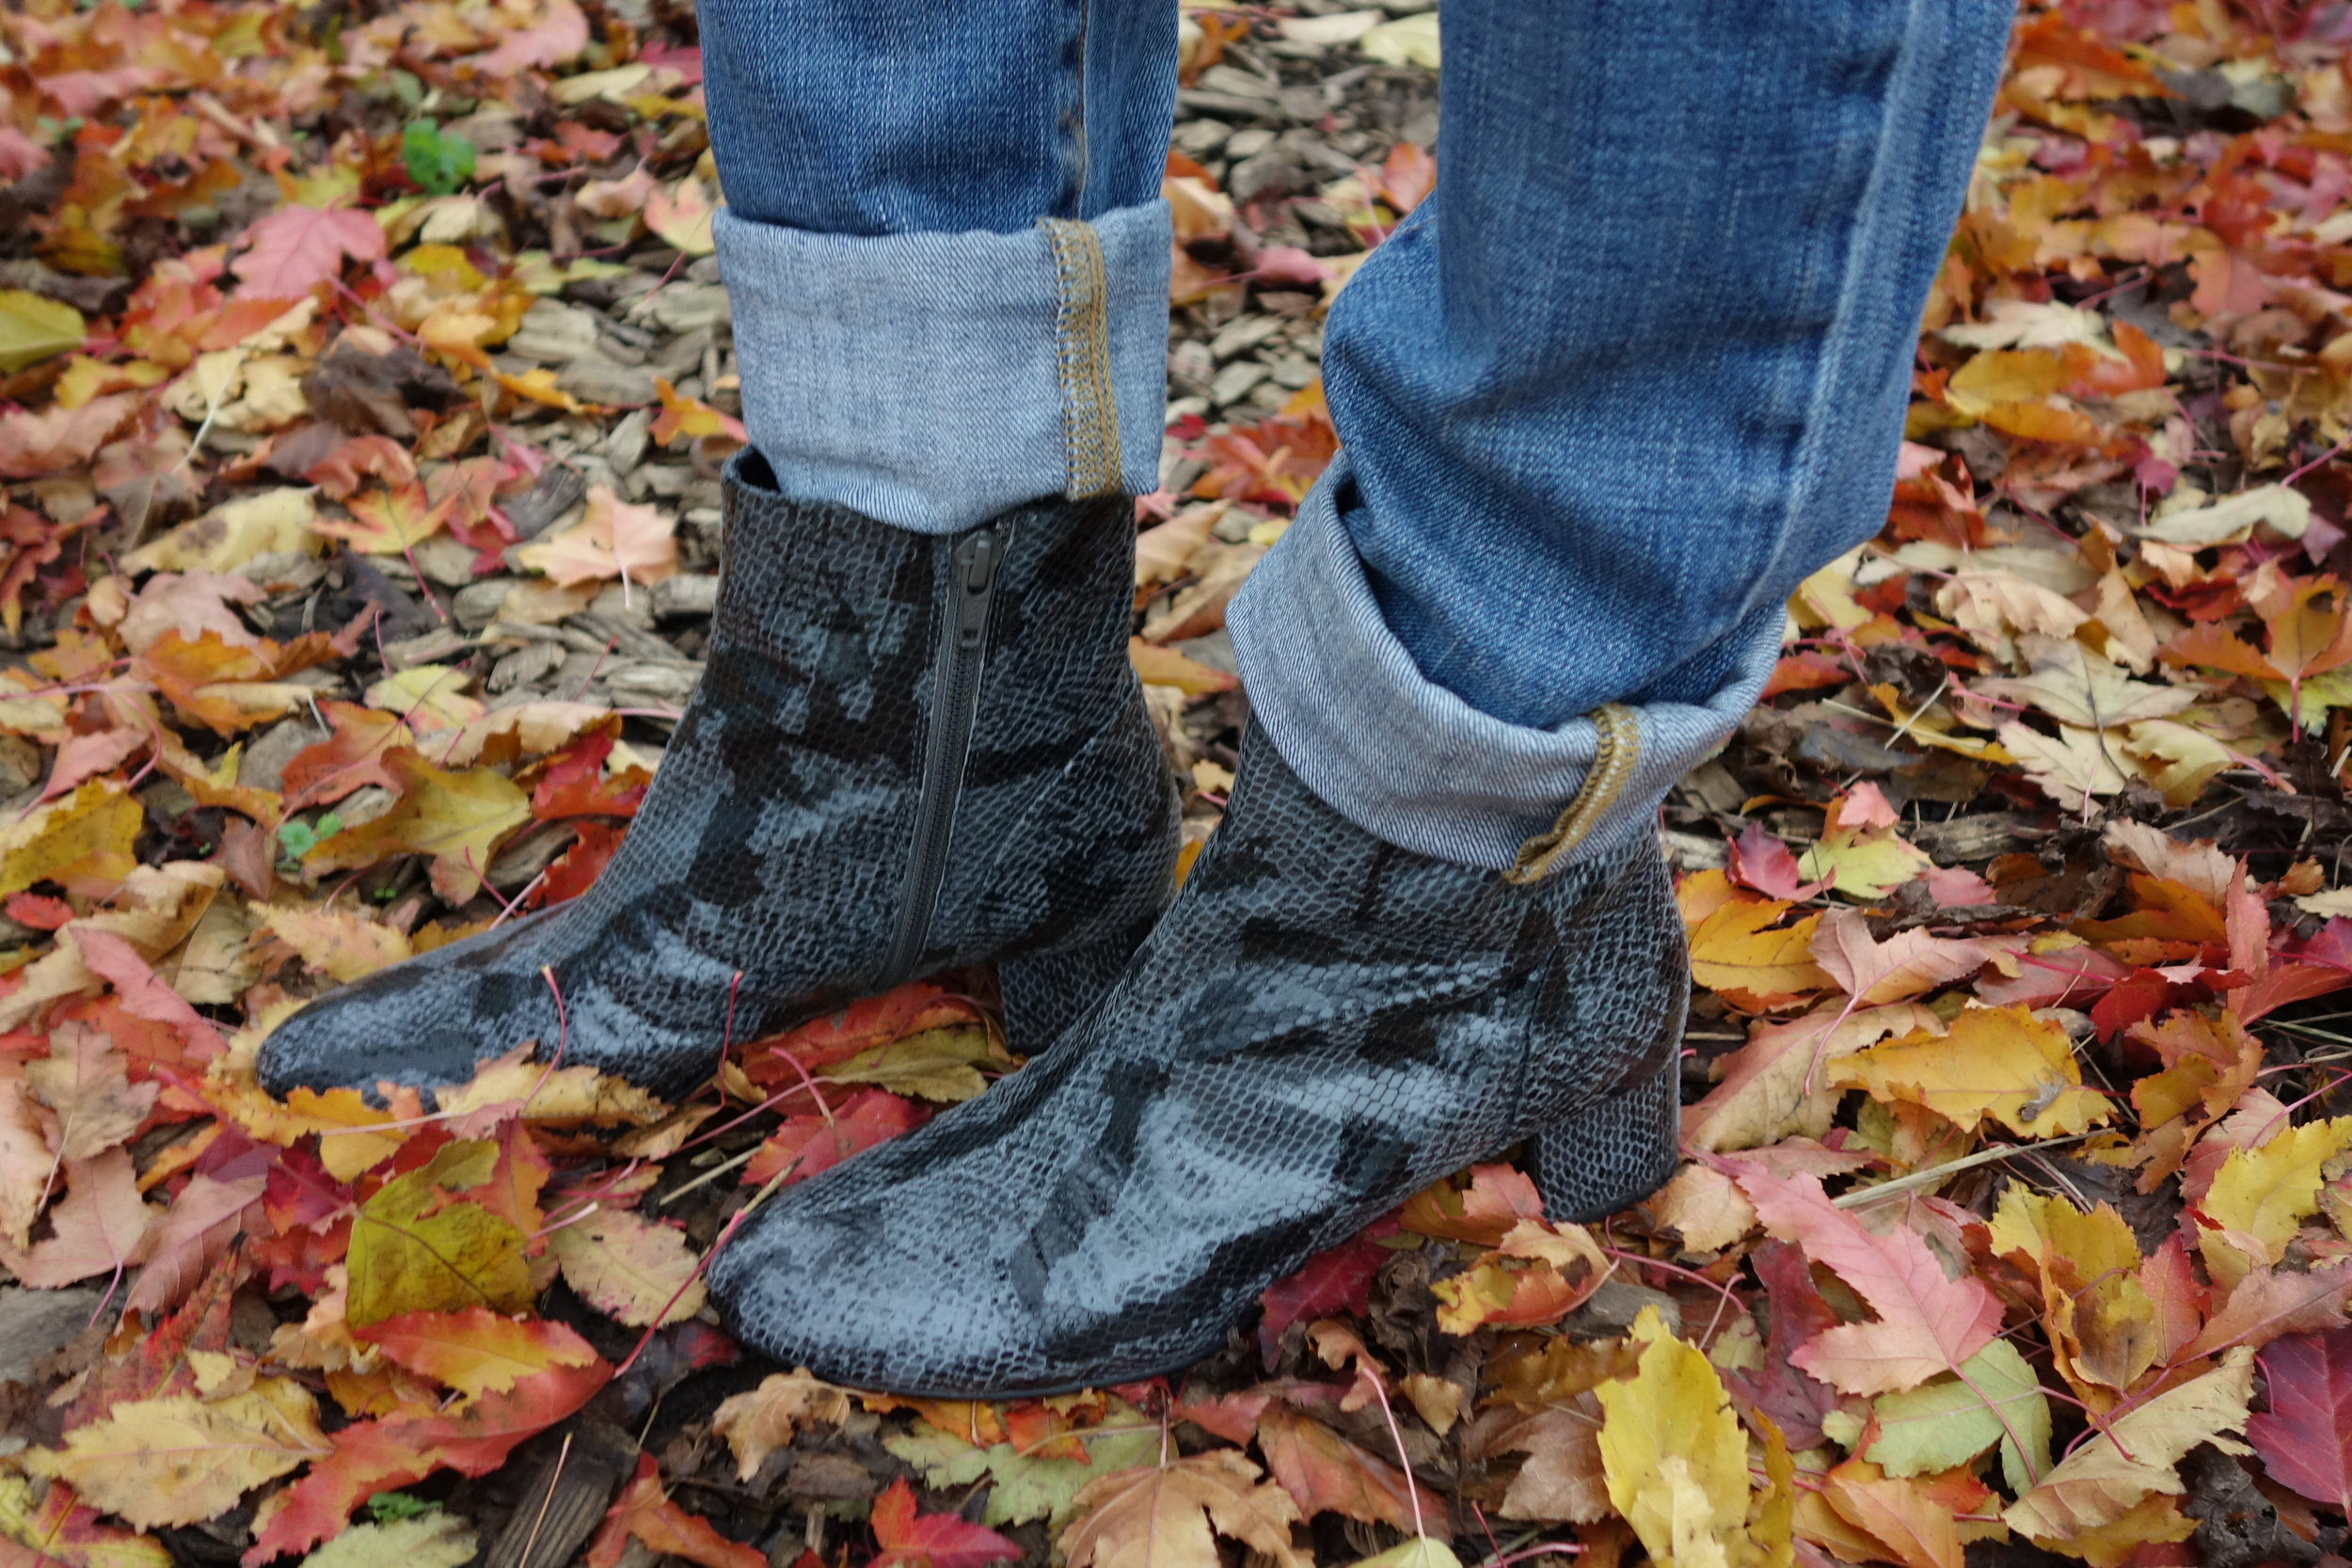 Shoes: Joe Fresh